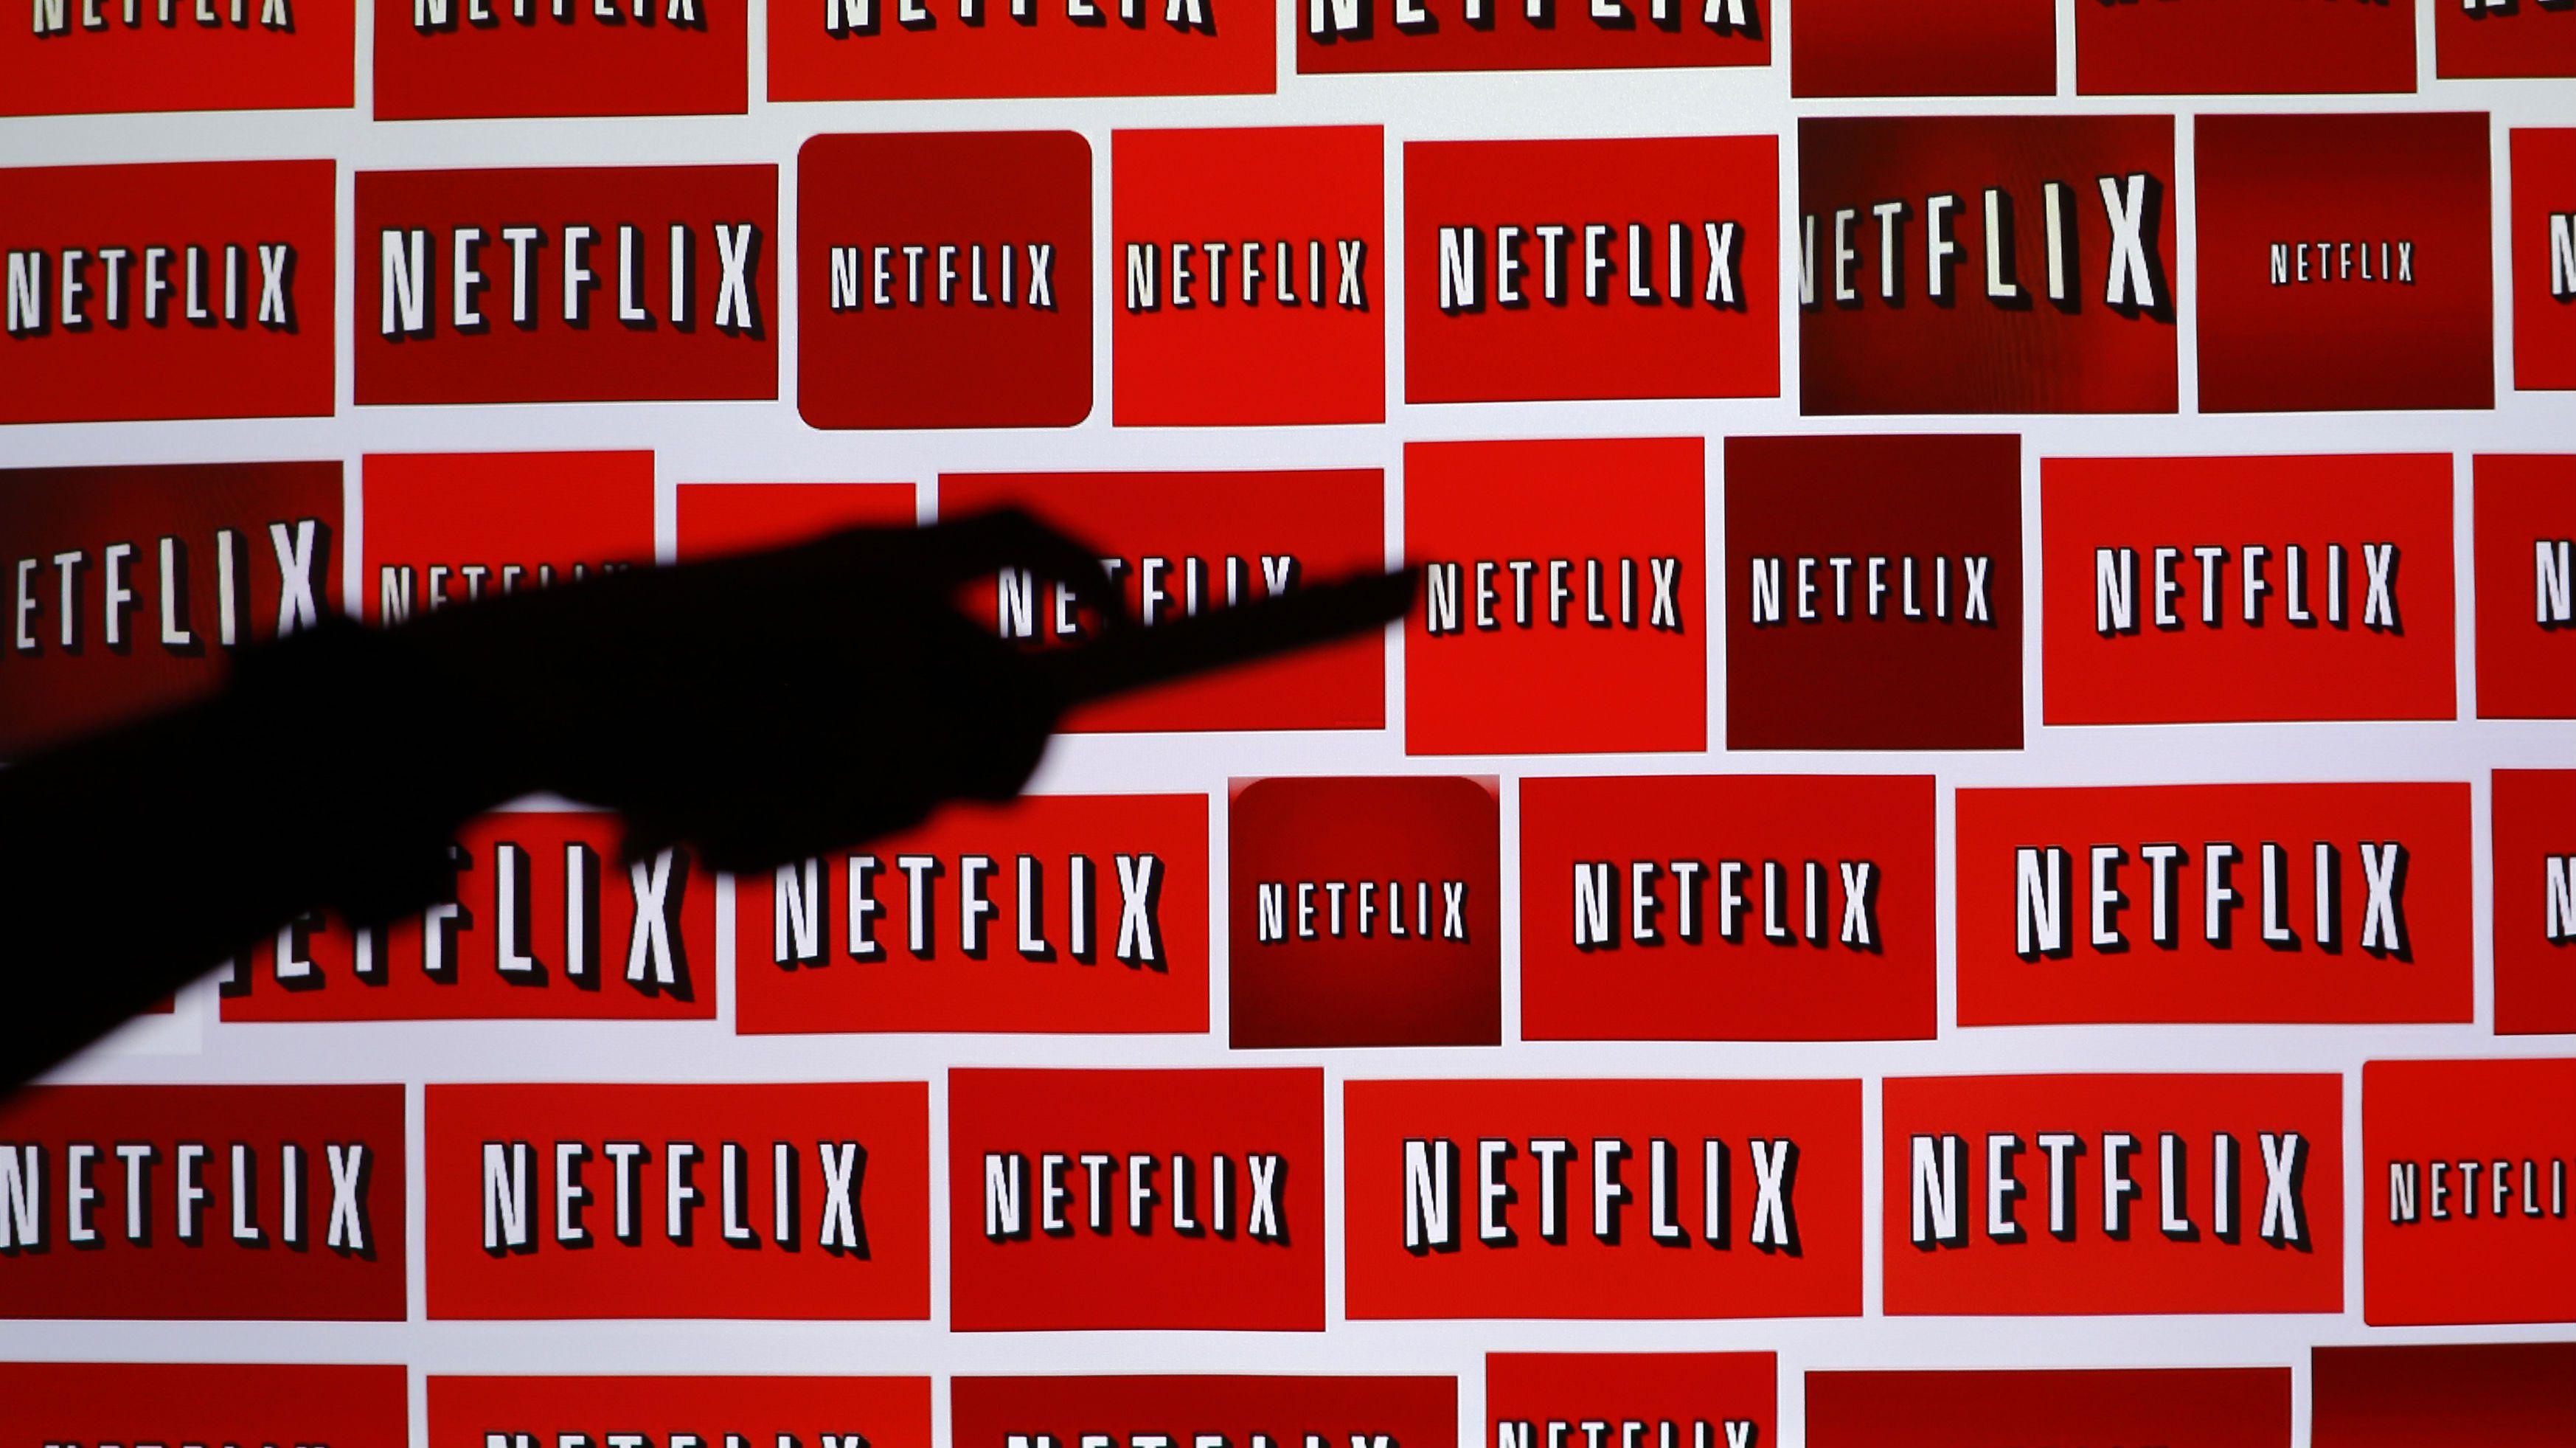 Netflix usage